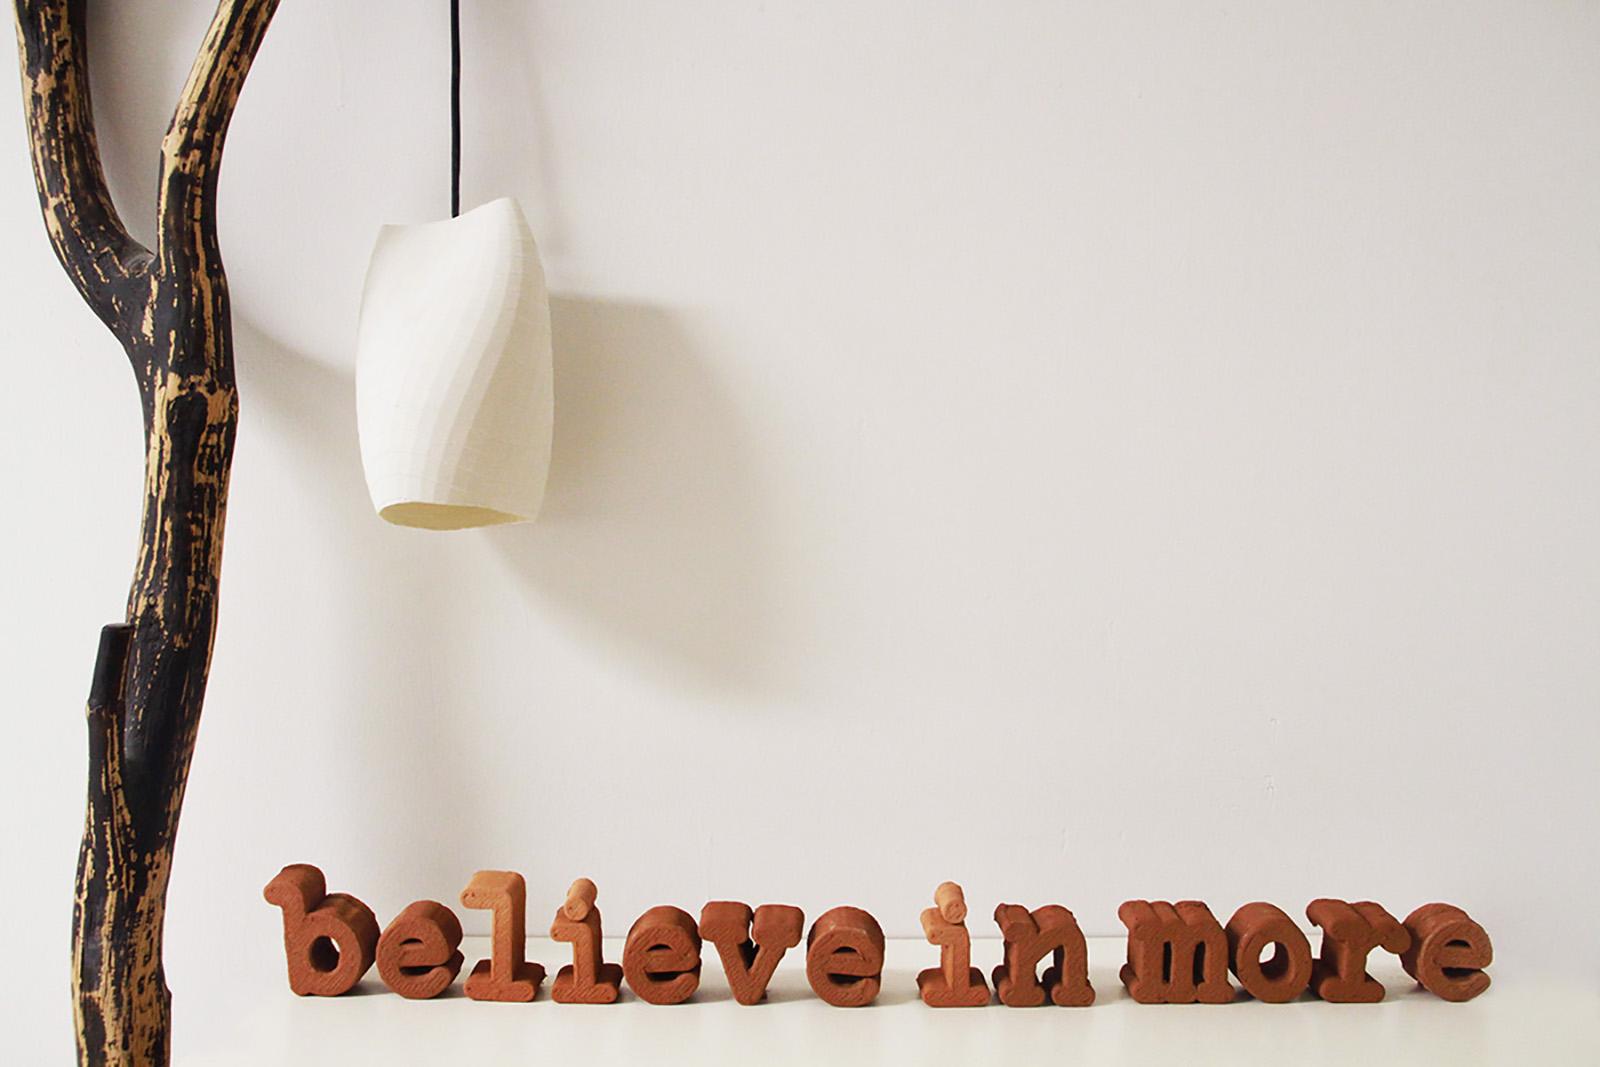 CIO_estudio_believe_in_more_001